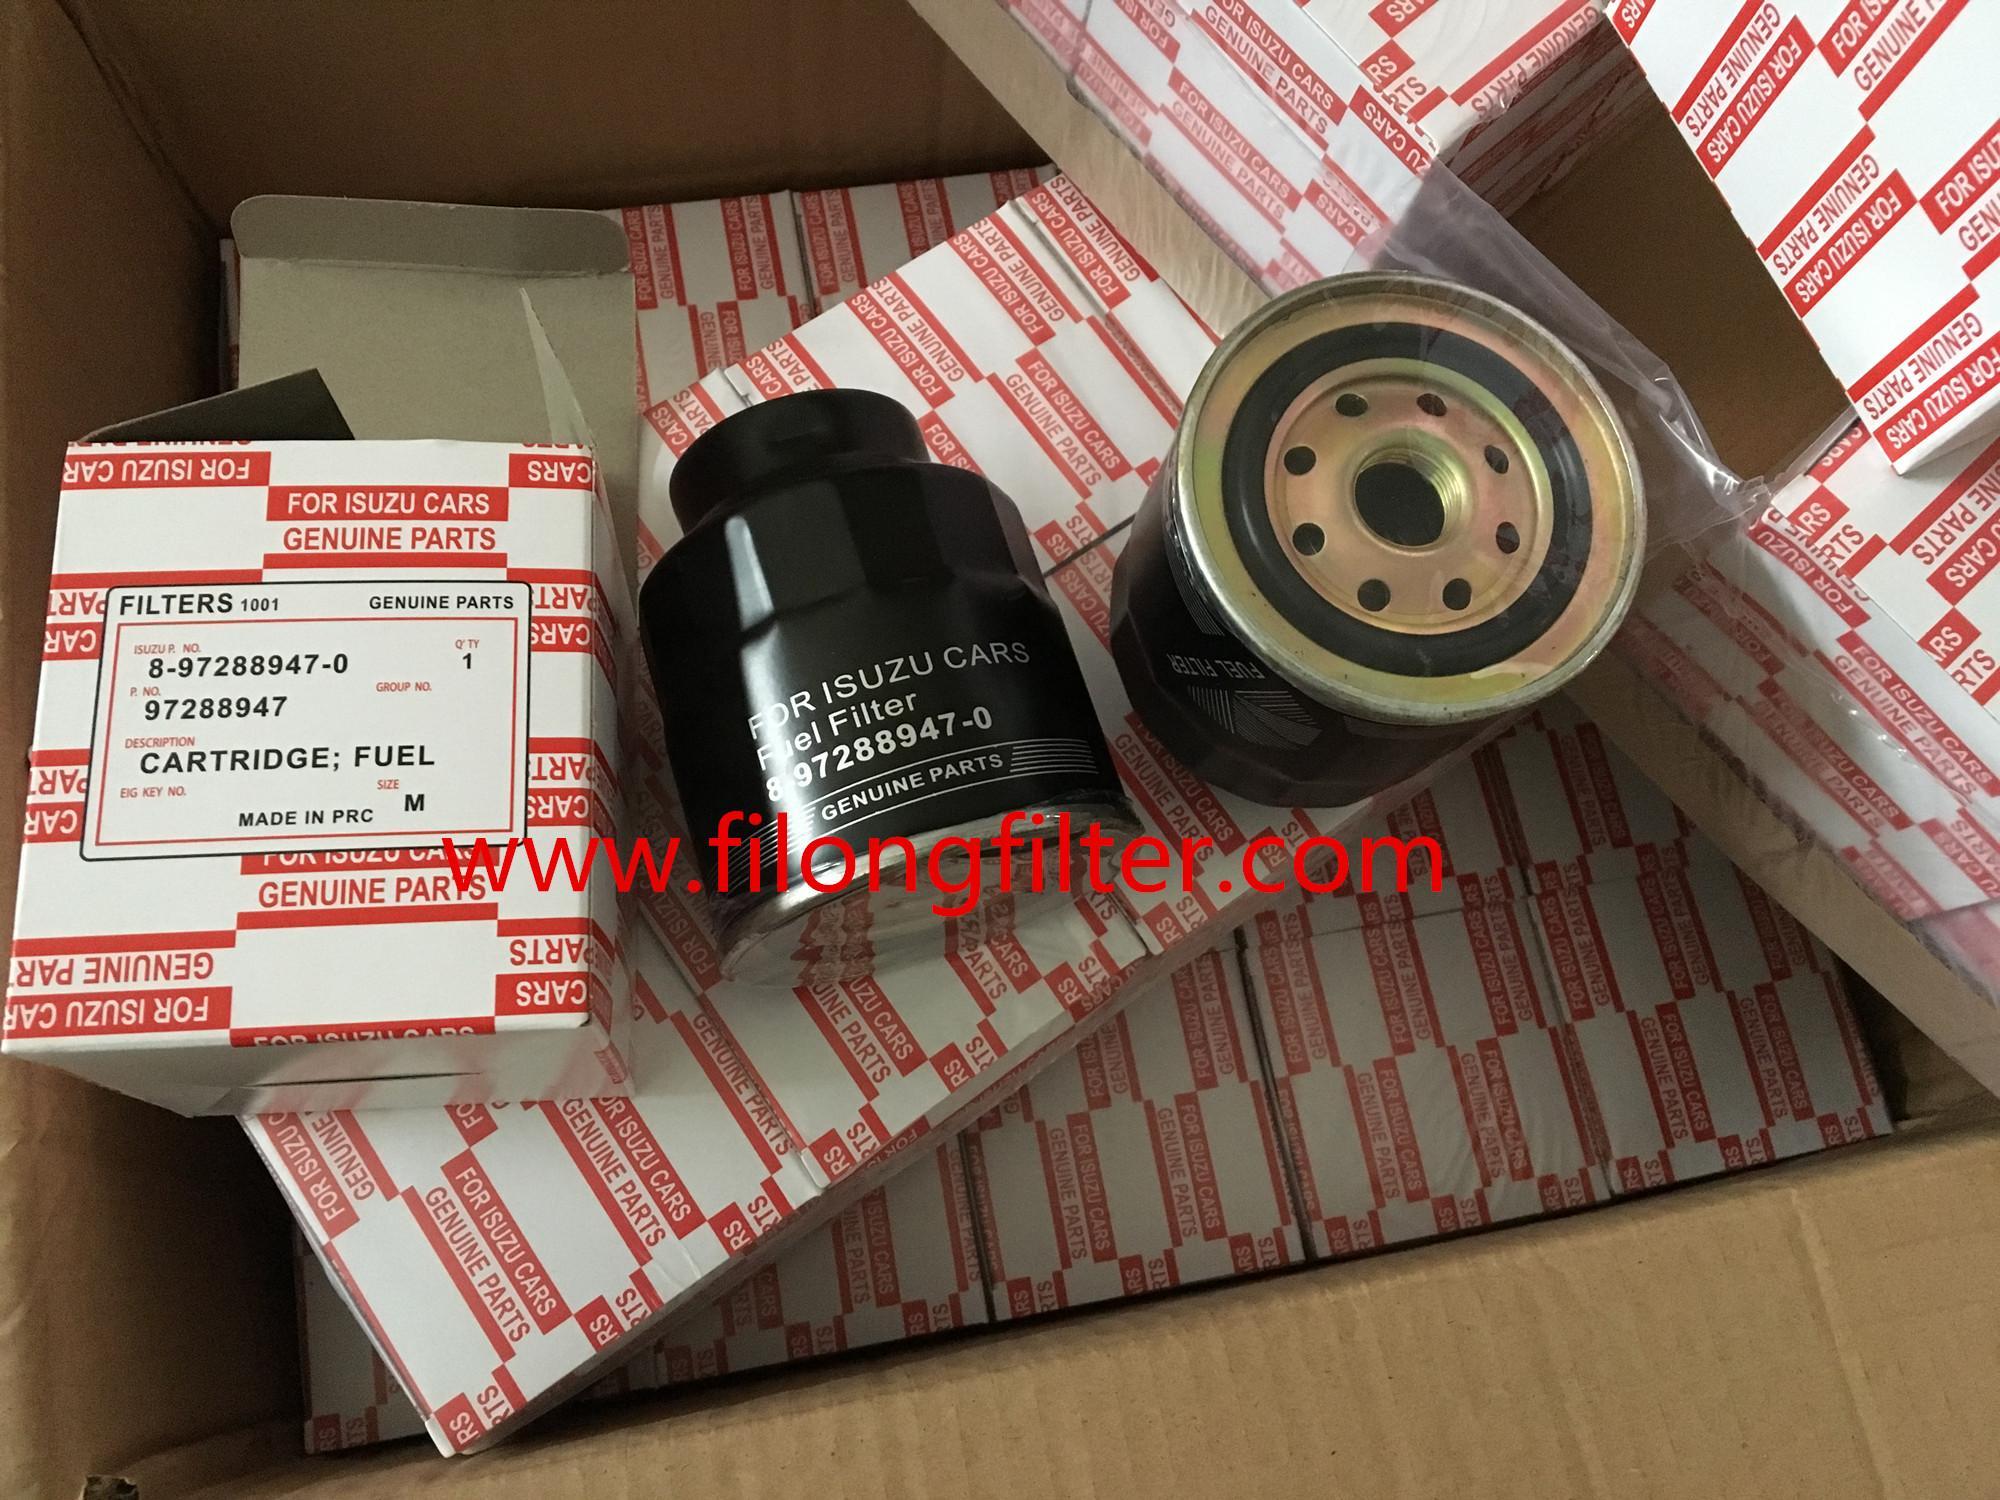 FILONG manufacturer for ISUZU Fuel Filter 8-97288947-0 8972889470 97288947